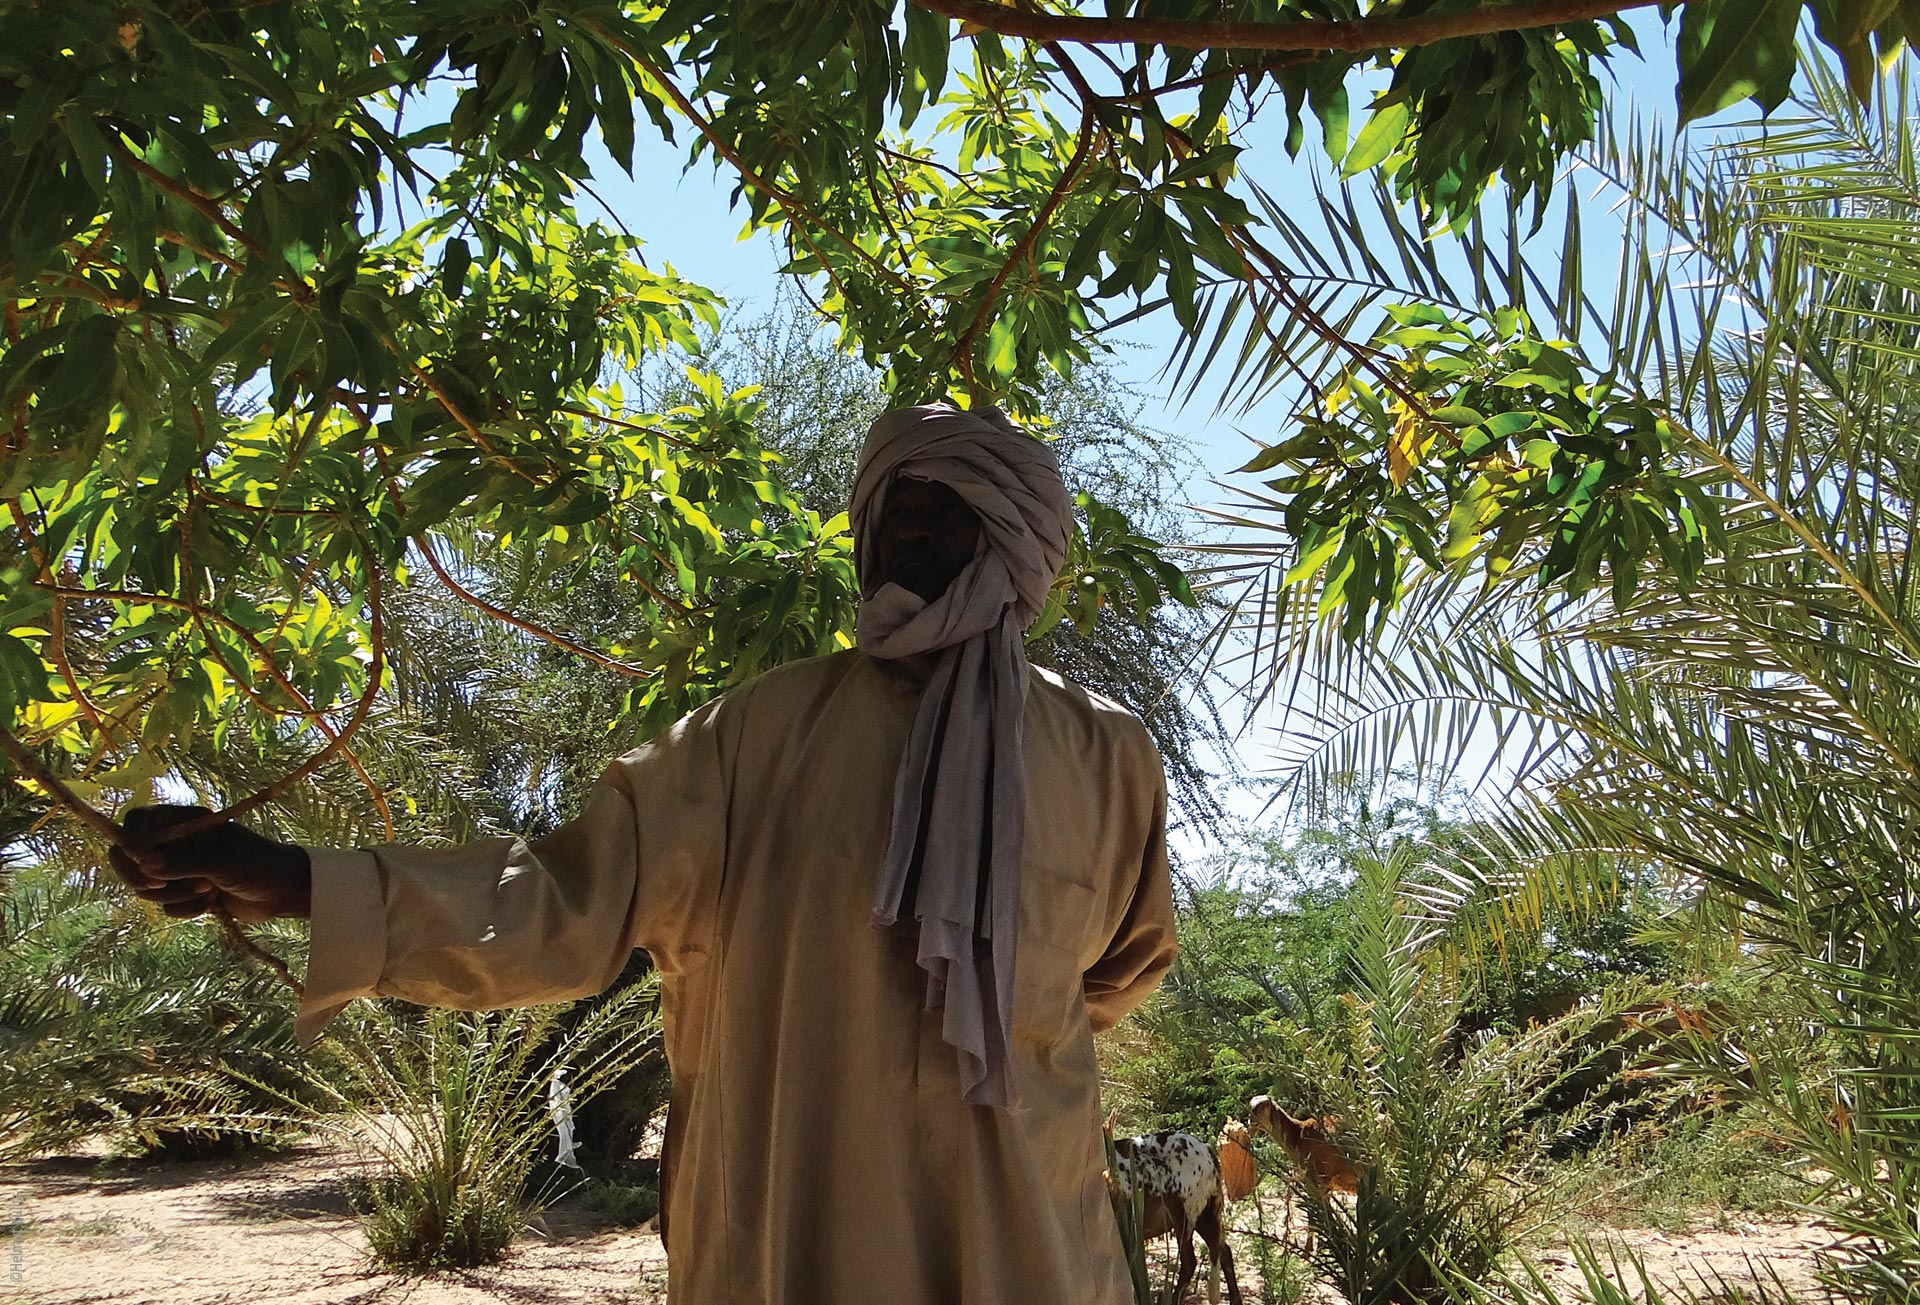 Die Seen von Ounianga, Oase und Bewohner, Explore Chad